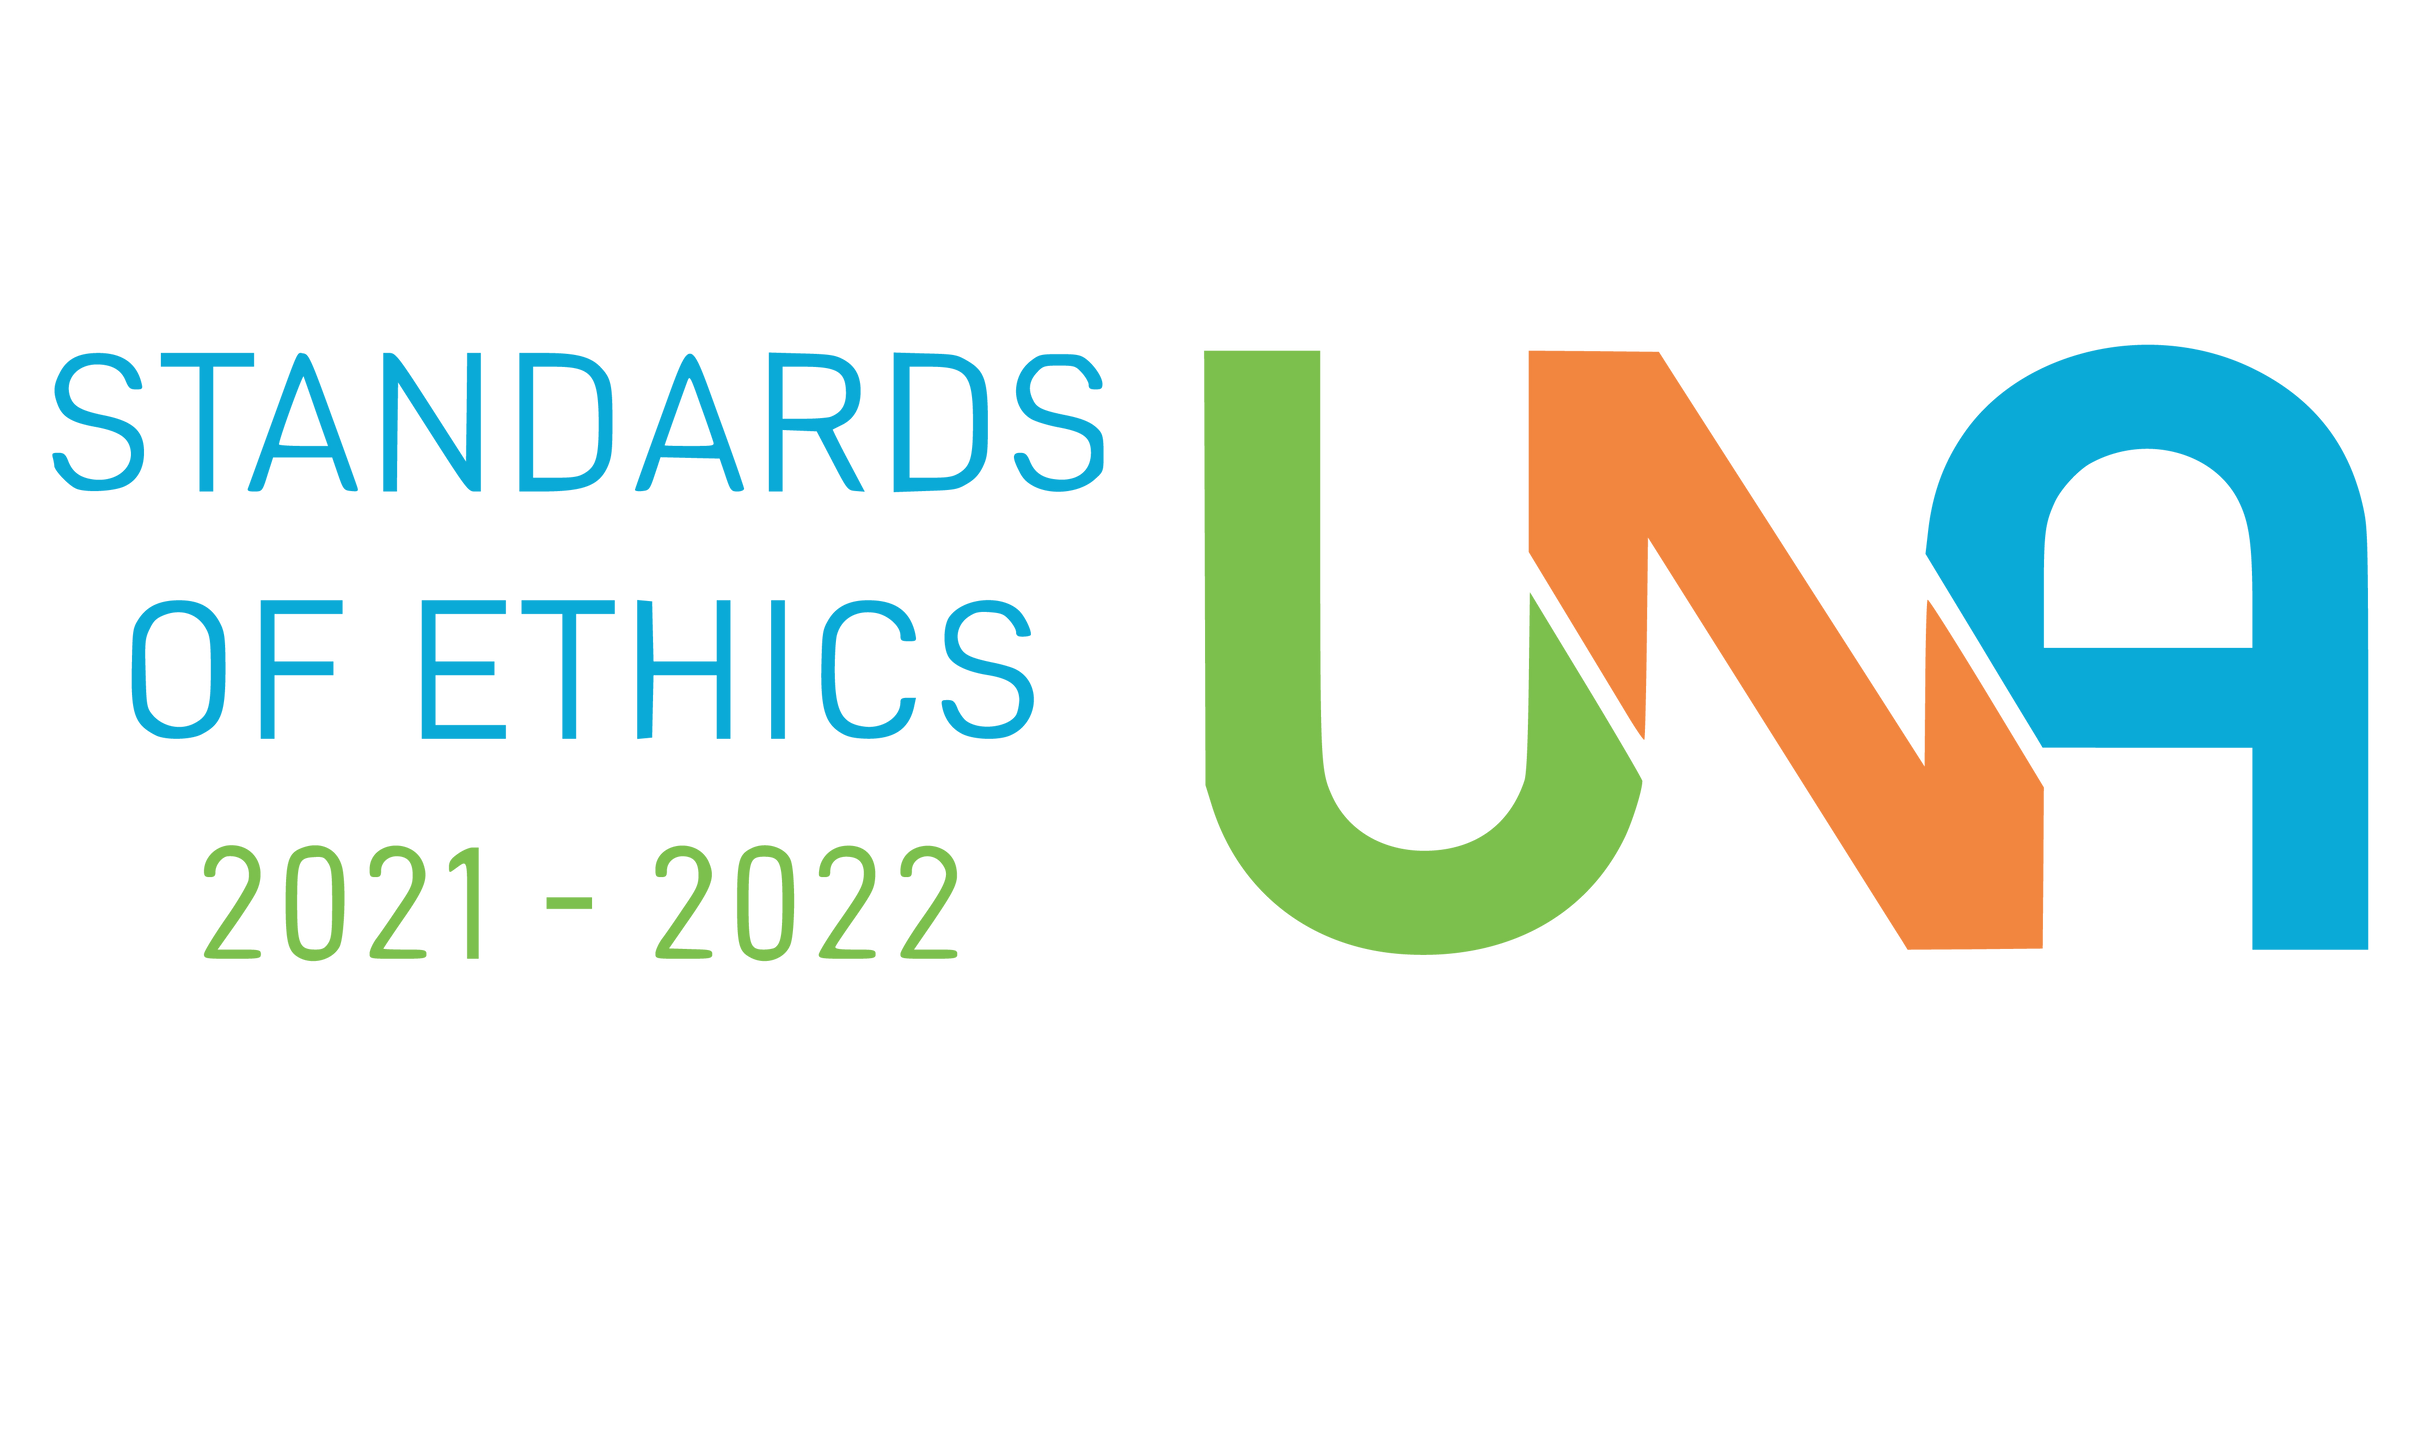 UNA Standards of Ethics 2021-2022